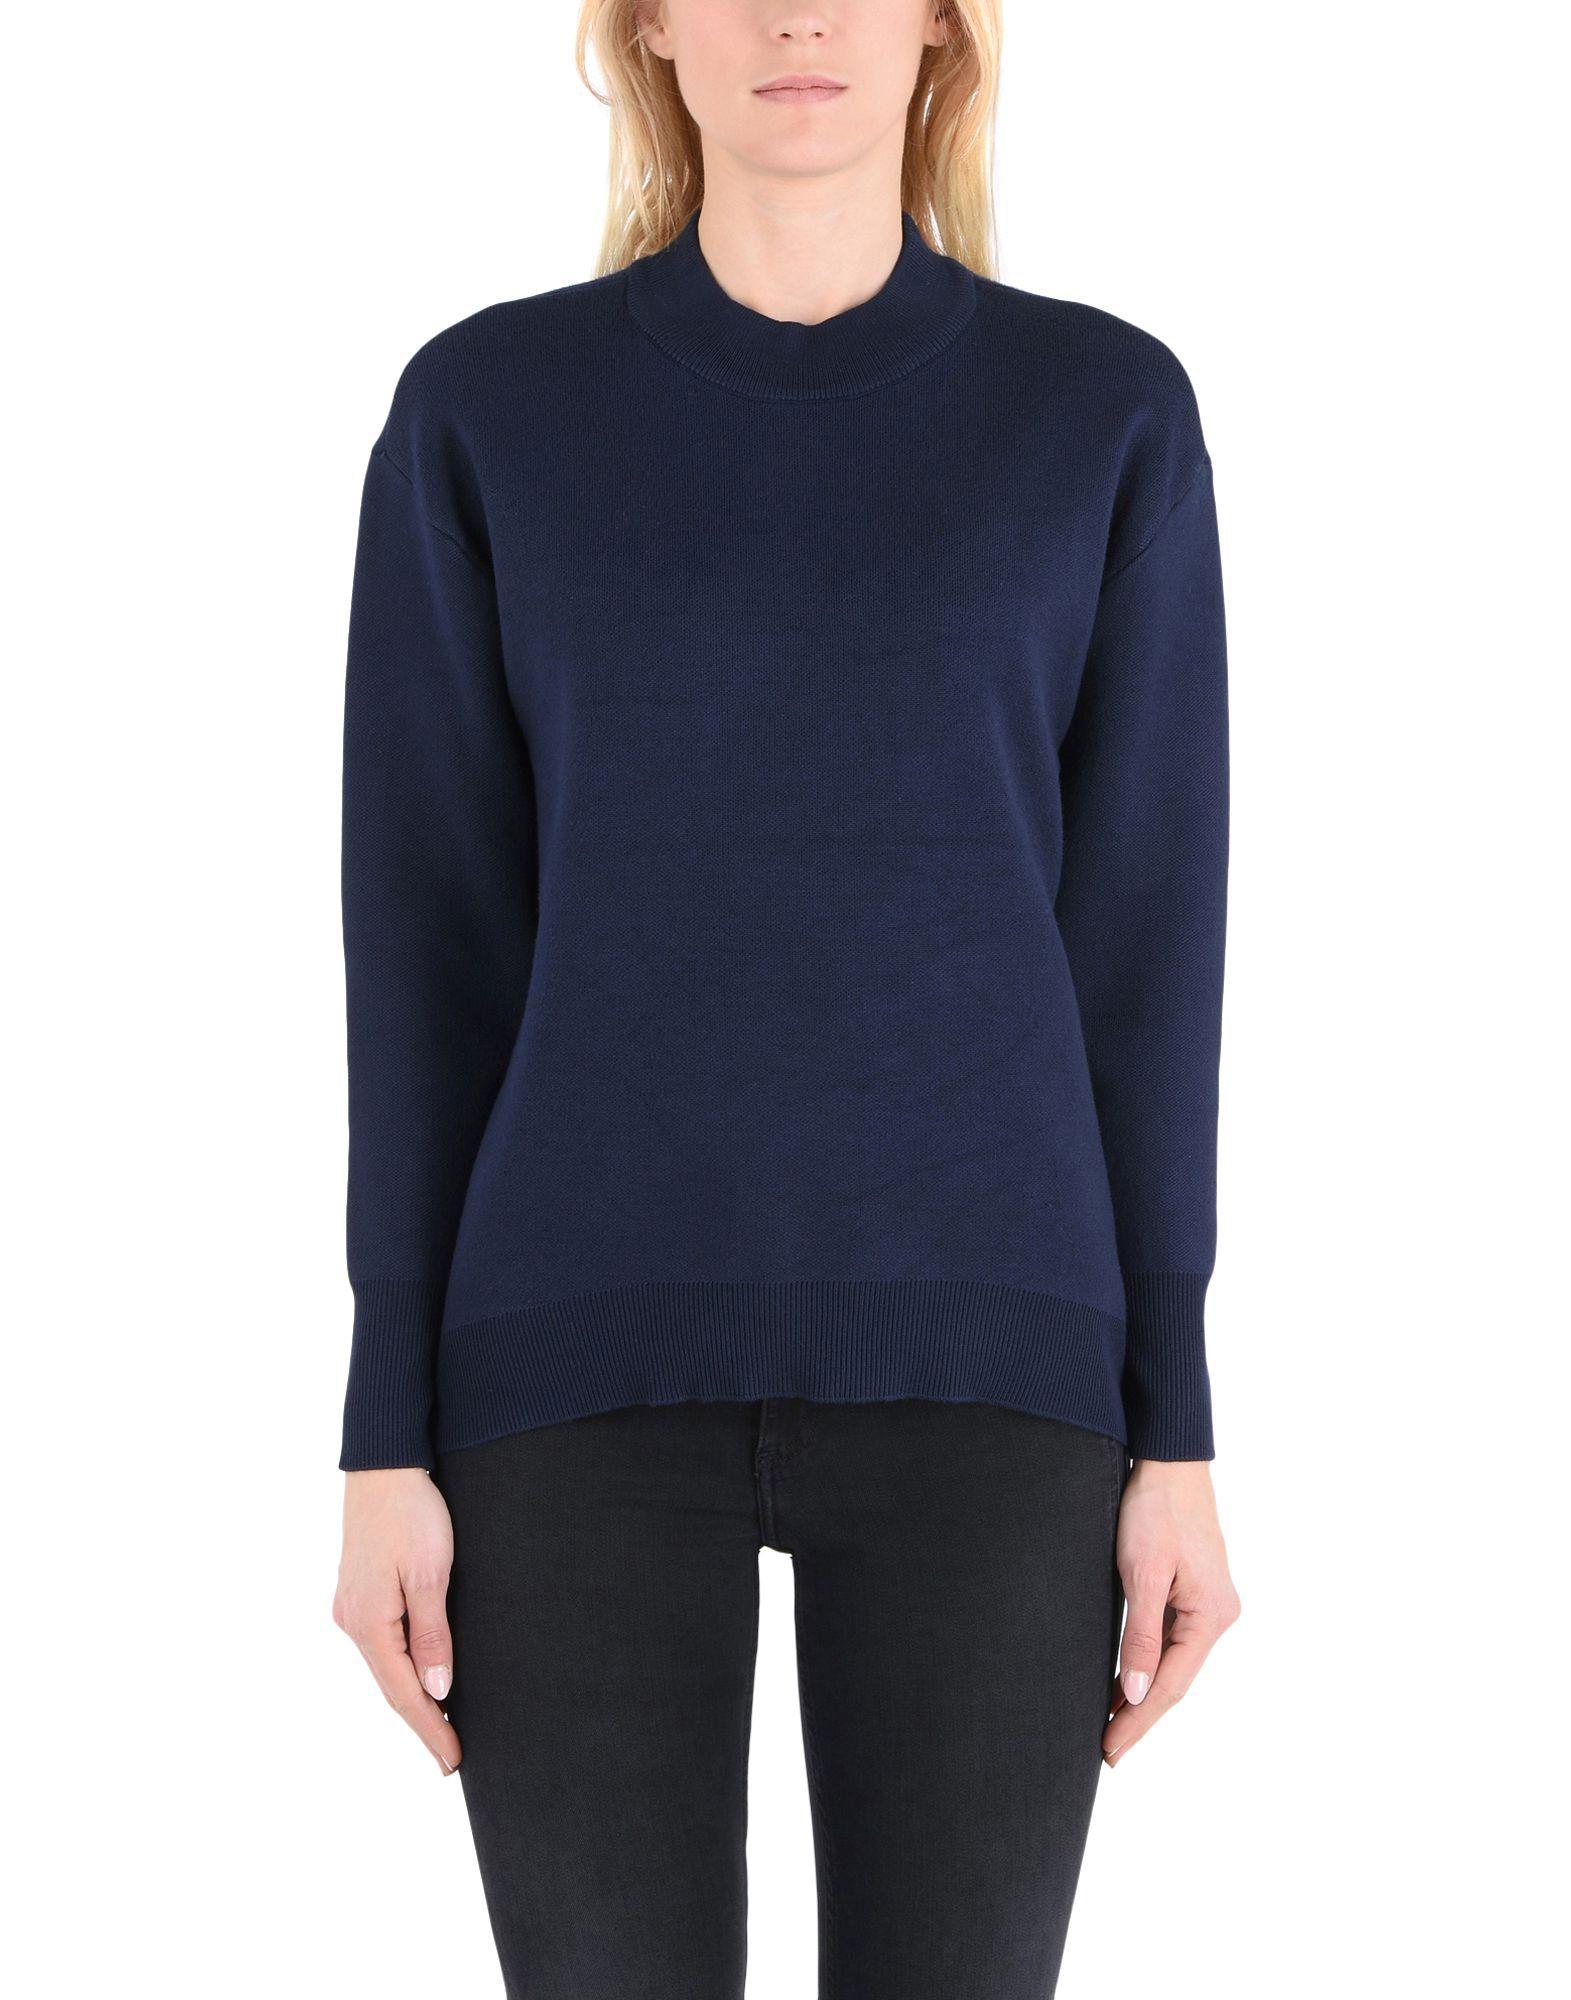 DKNY Dark Blue Knit Jumper